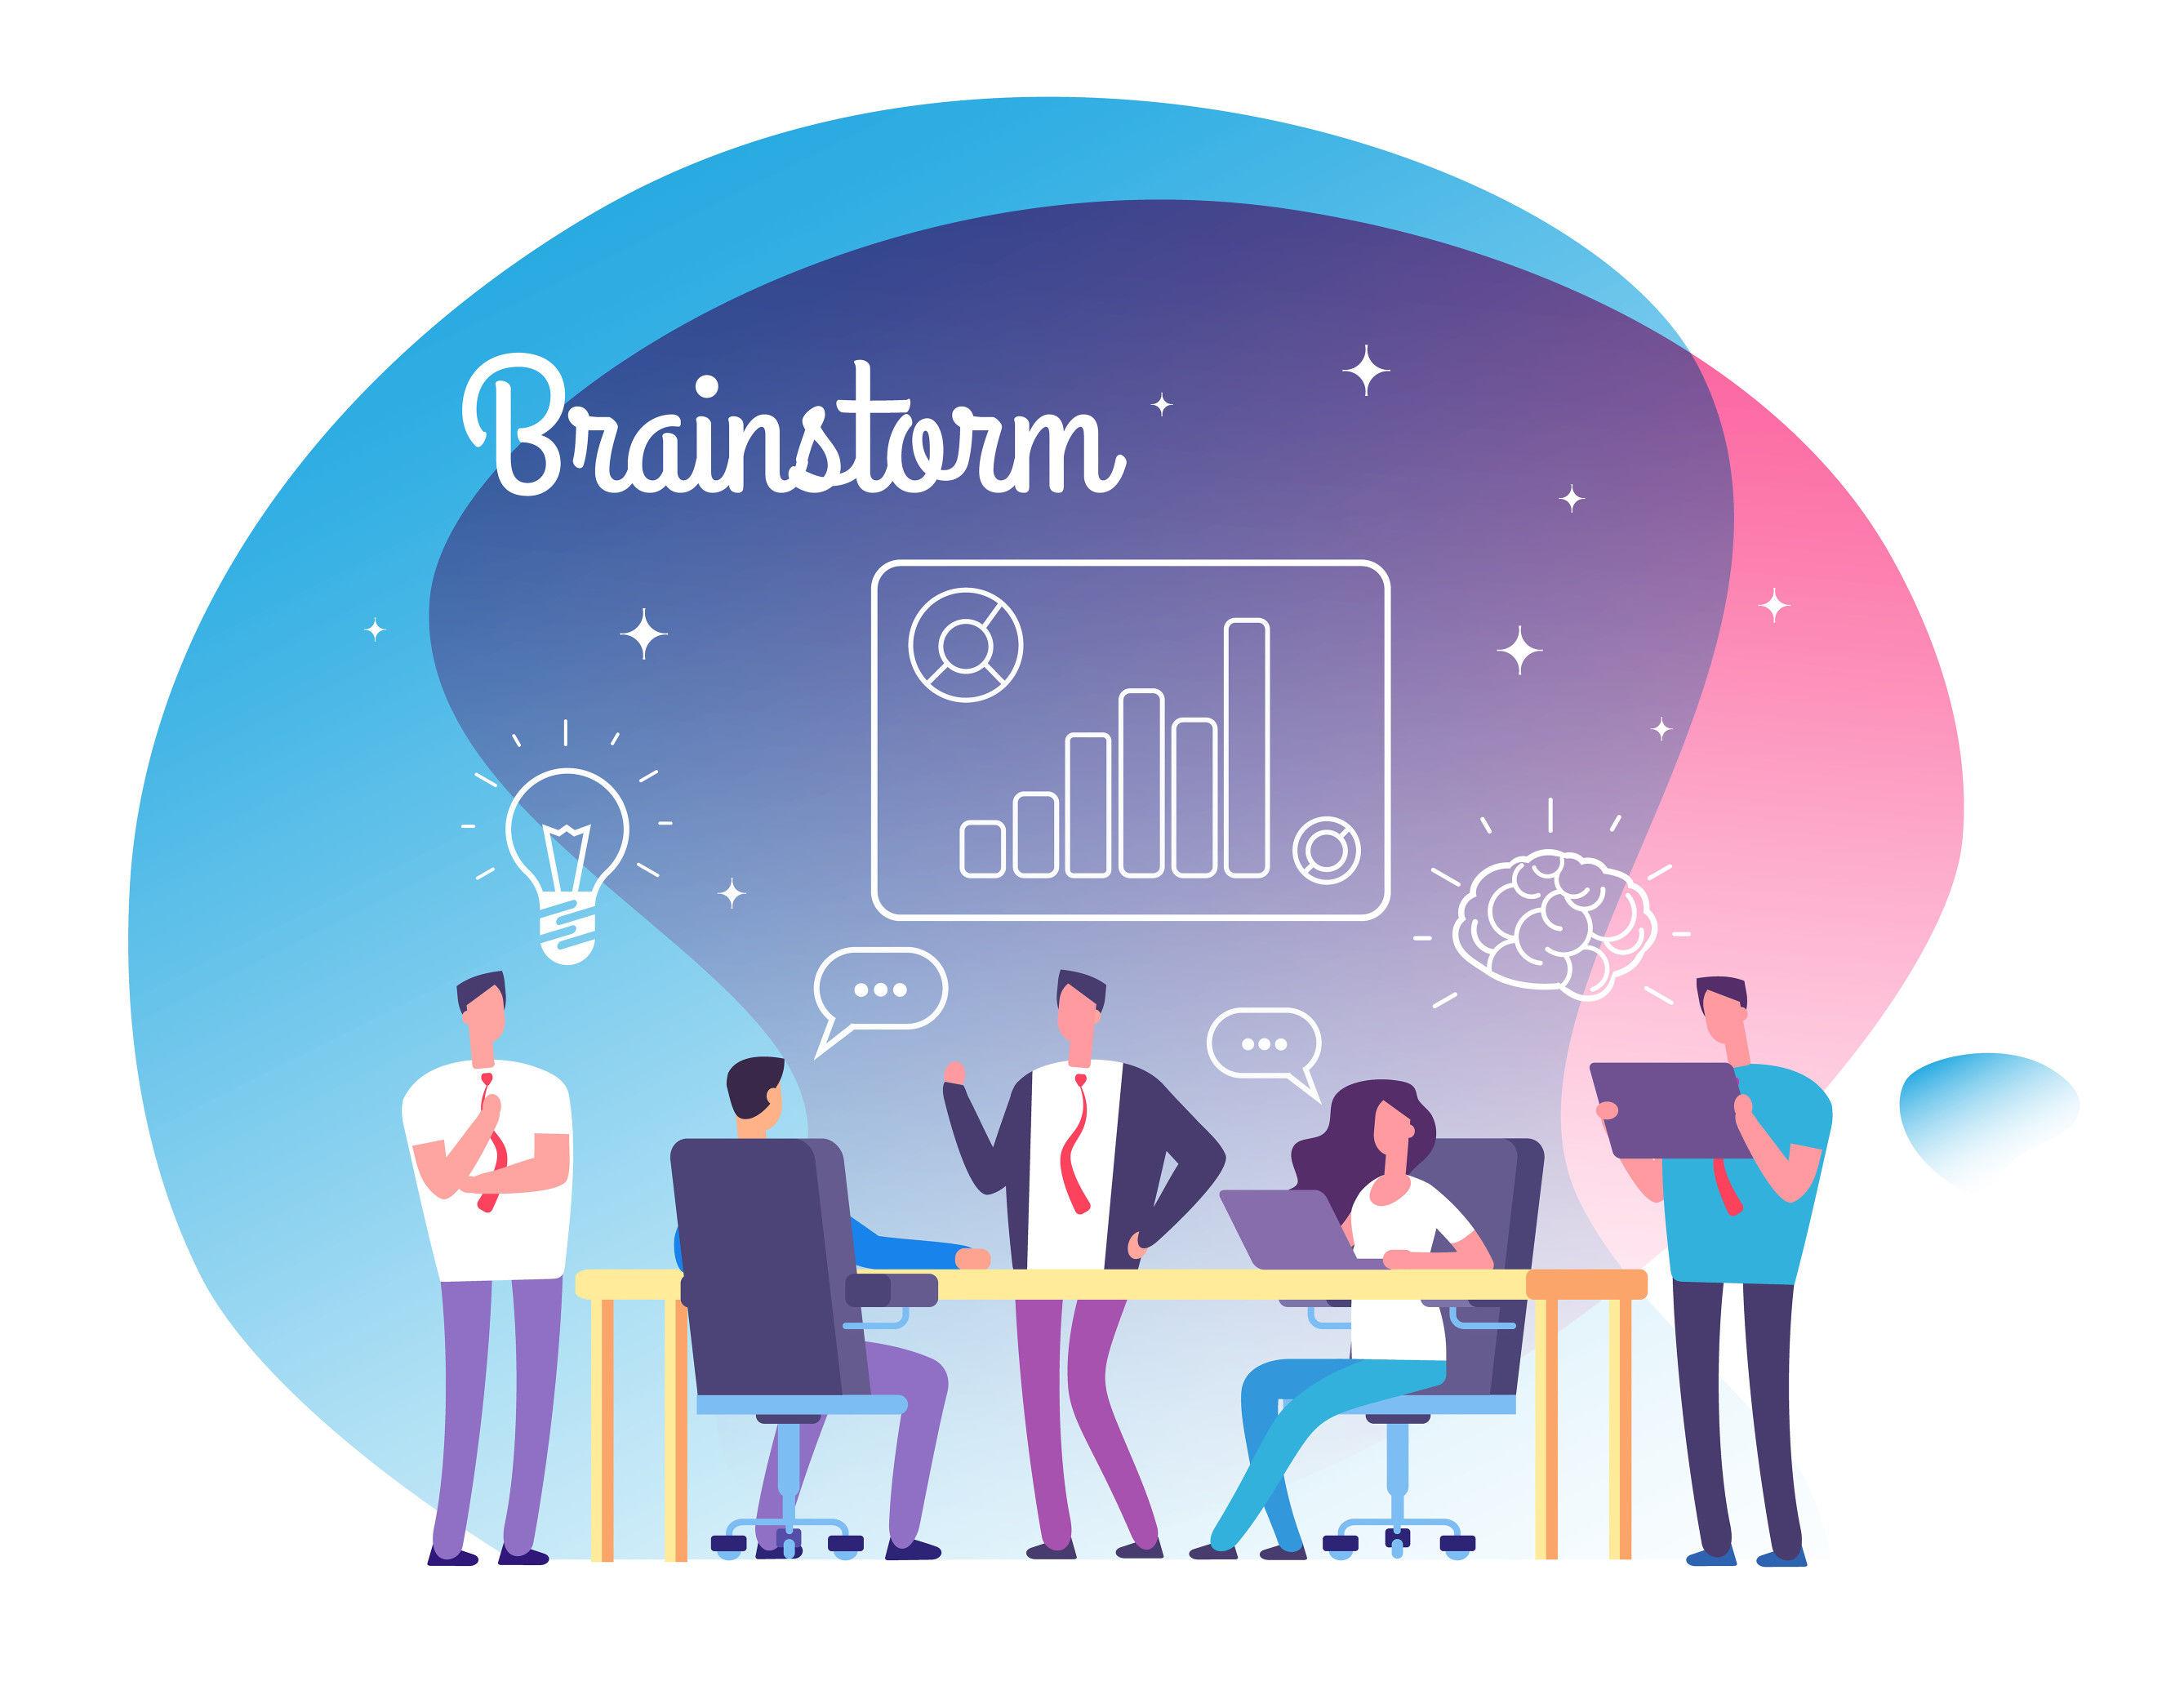 2019社群行銷趨勢,企業商家該注意的社群平台走向-鯊客科技SEO網頁設計公司